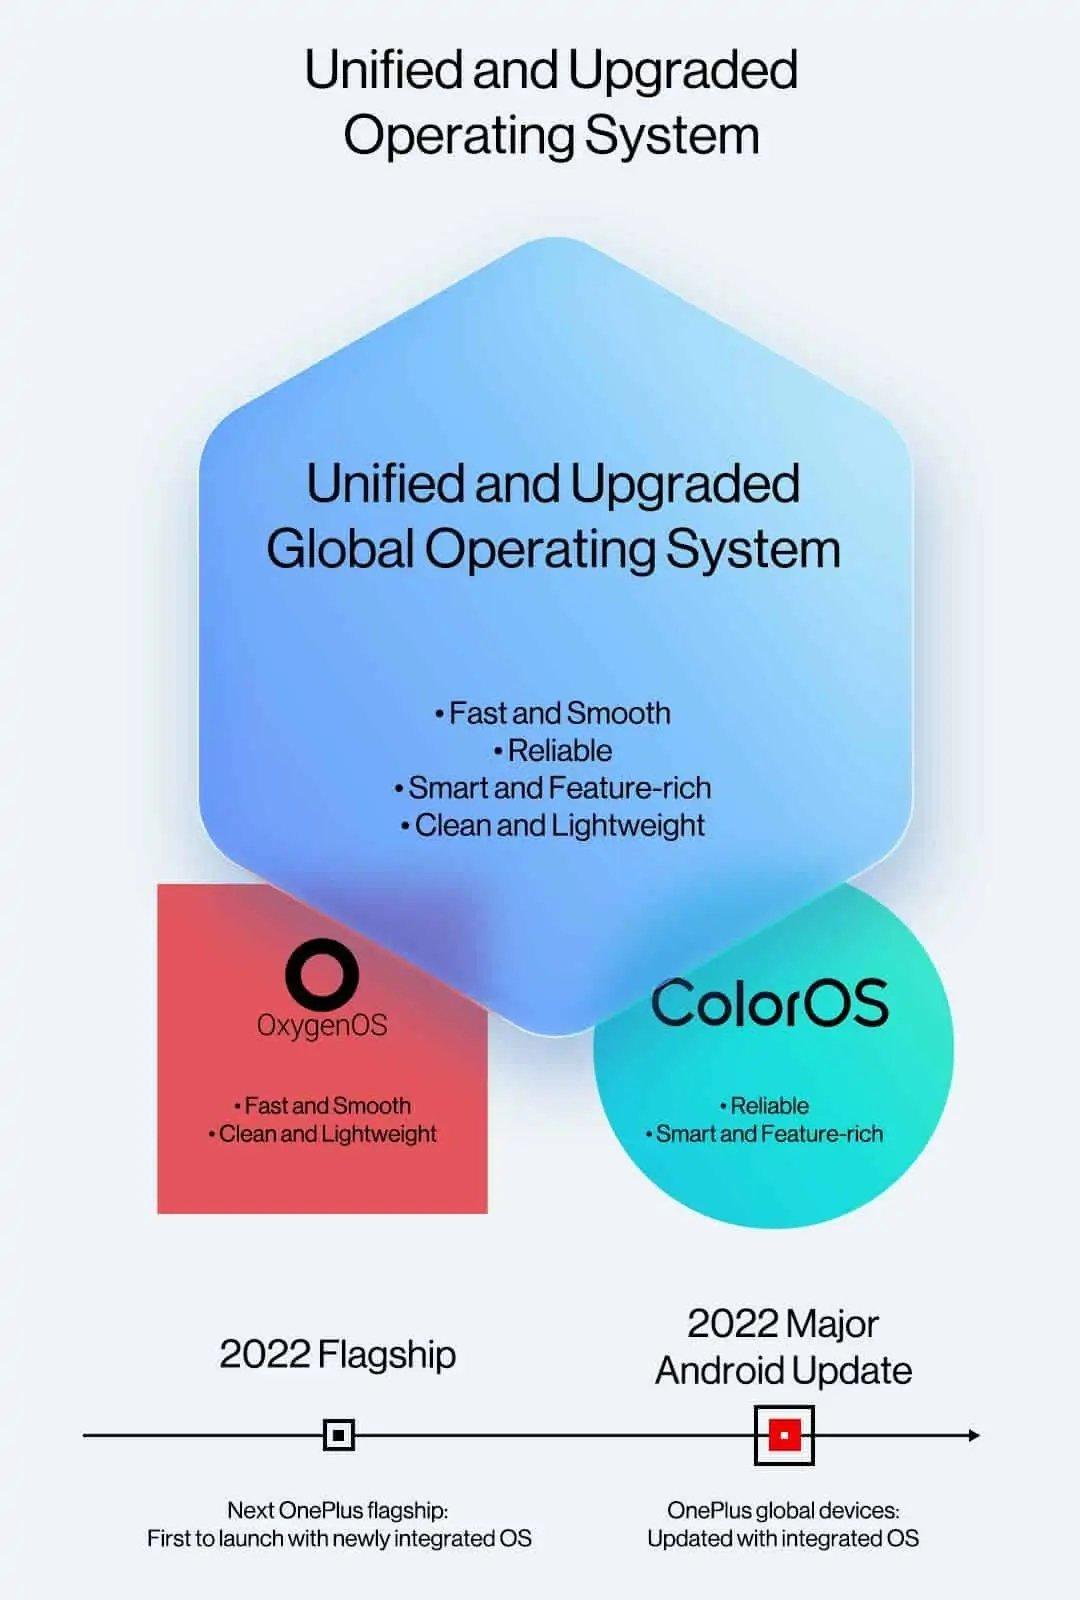 novo sistema da oneplus